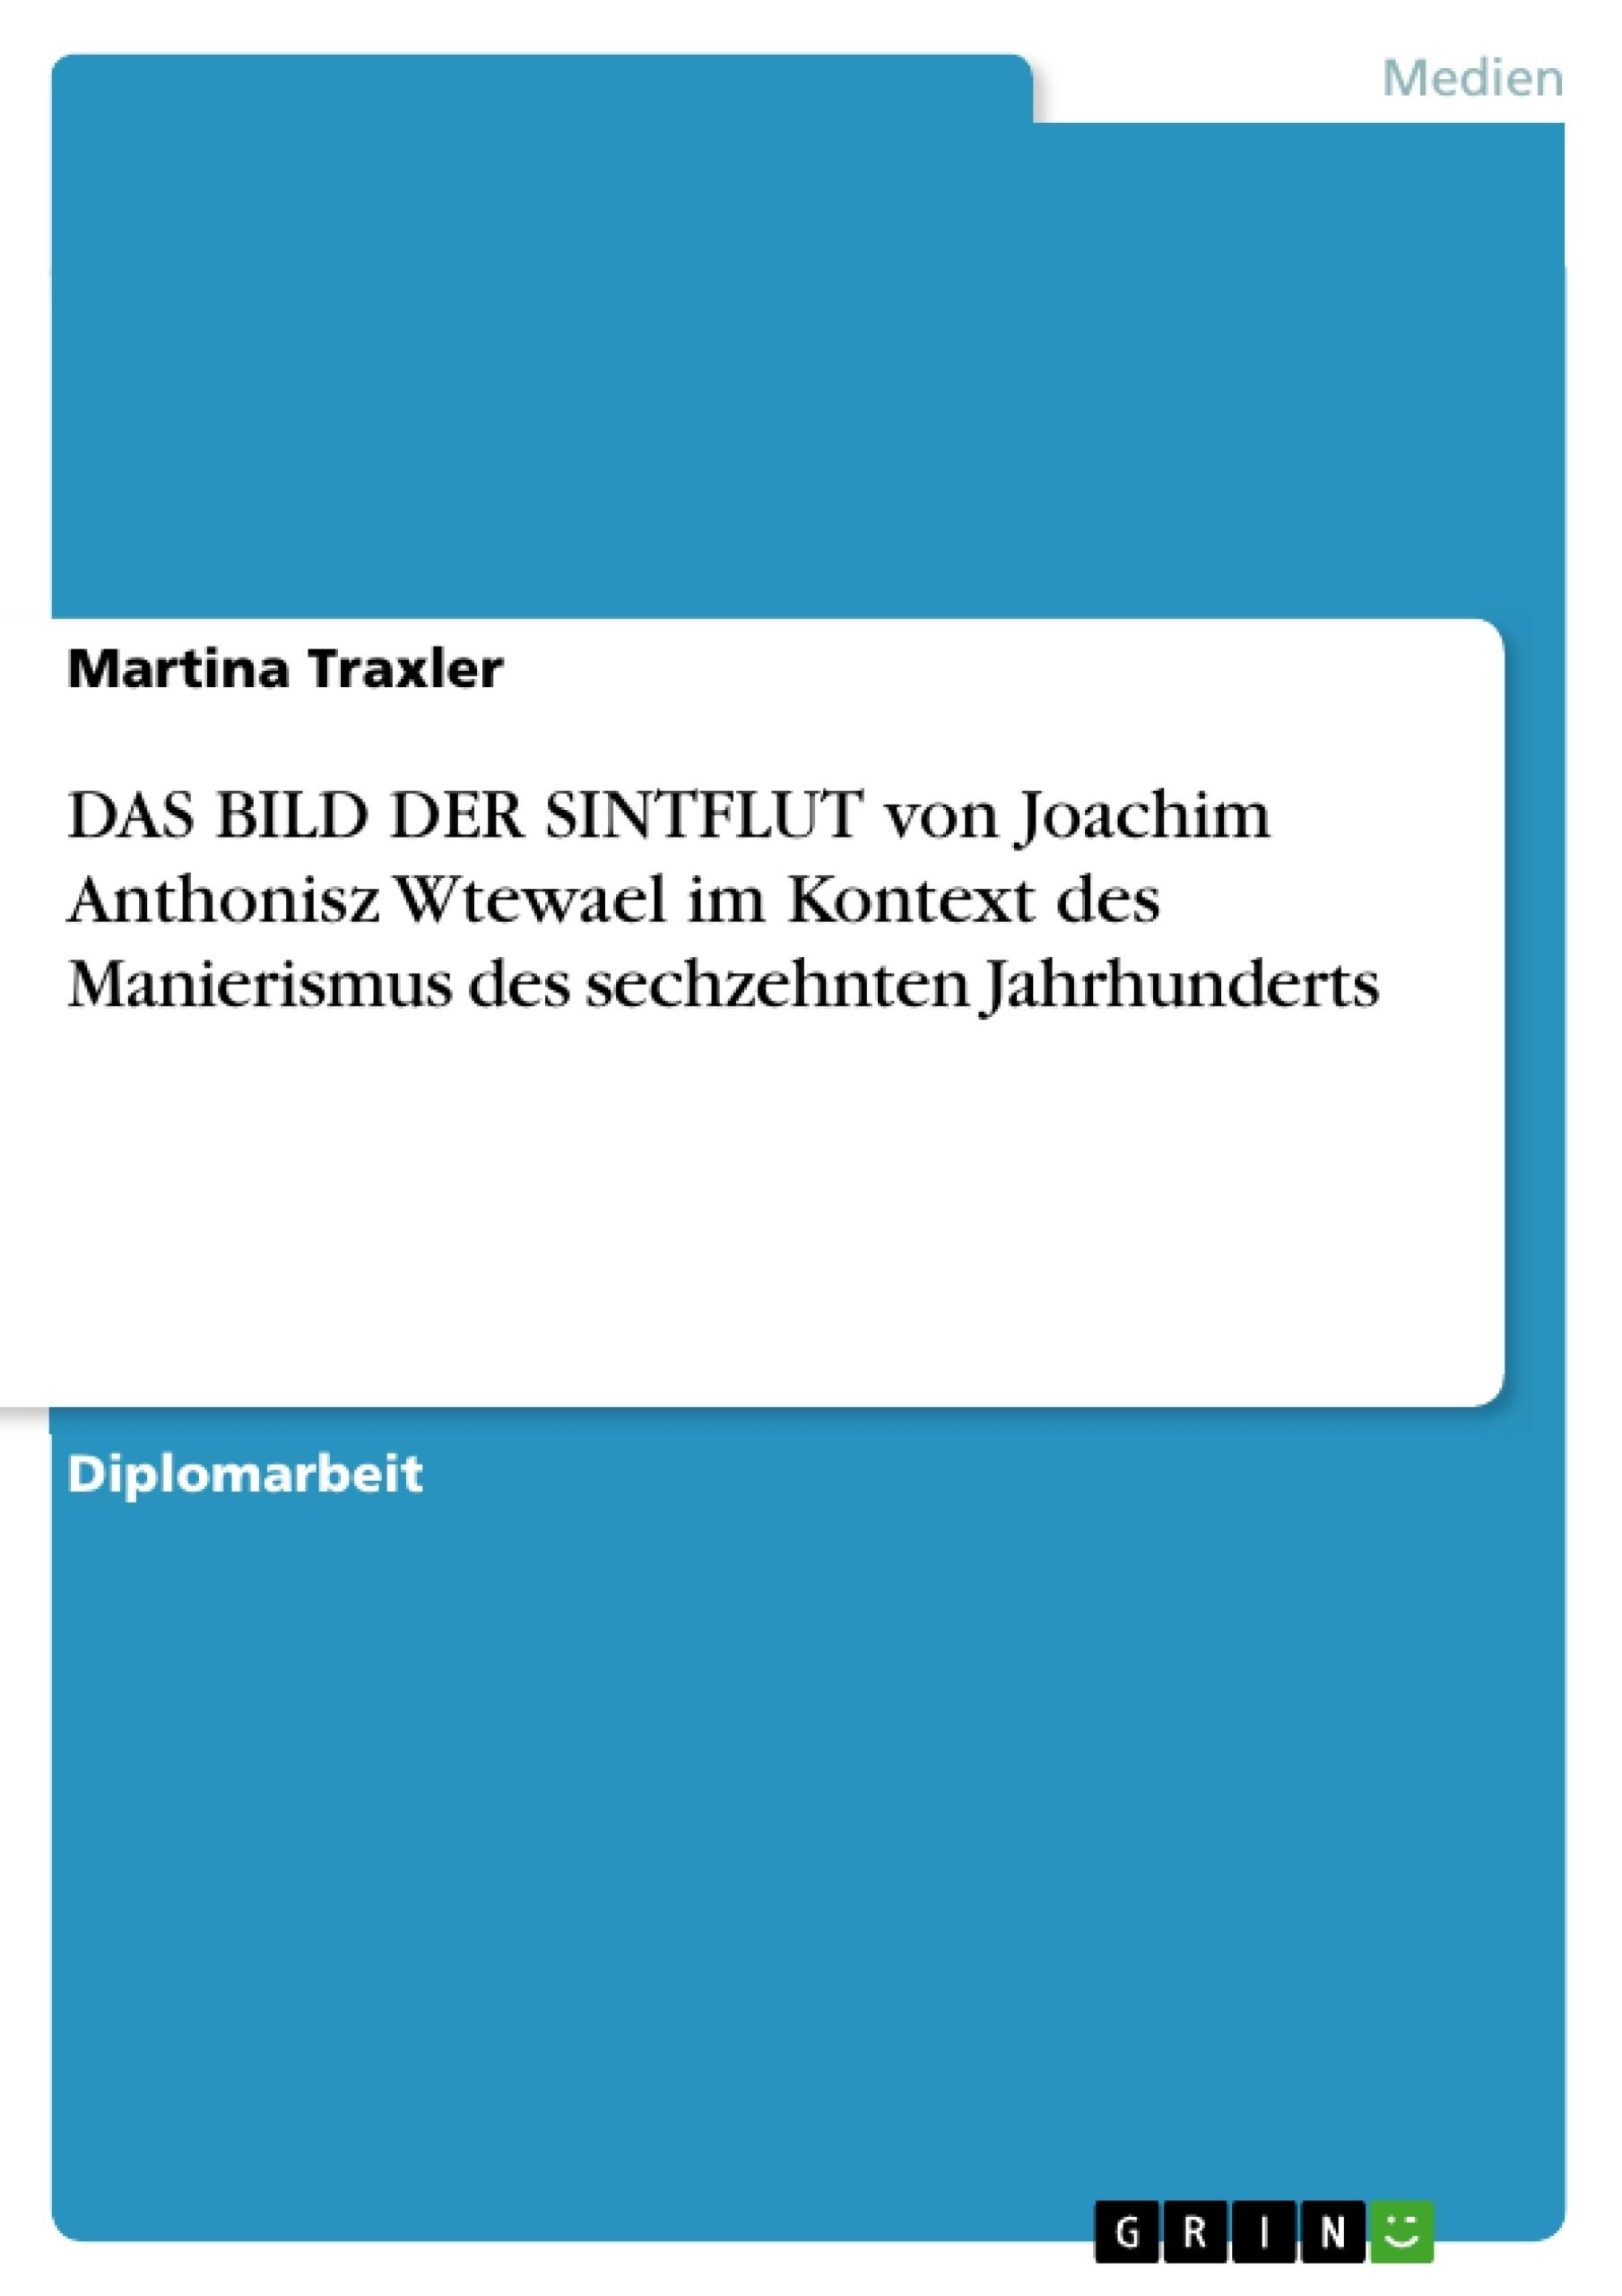 Titel: DAS BILD DER SINTFLUT von Joachim Anthonisz Wtewael im Kontext des Manierismus des sechzehnten Jahrhunderts